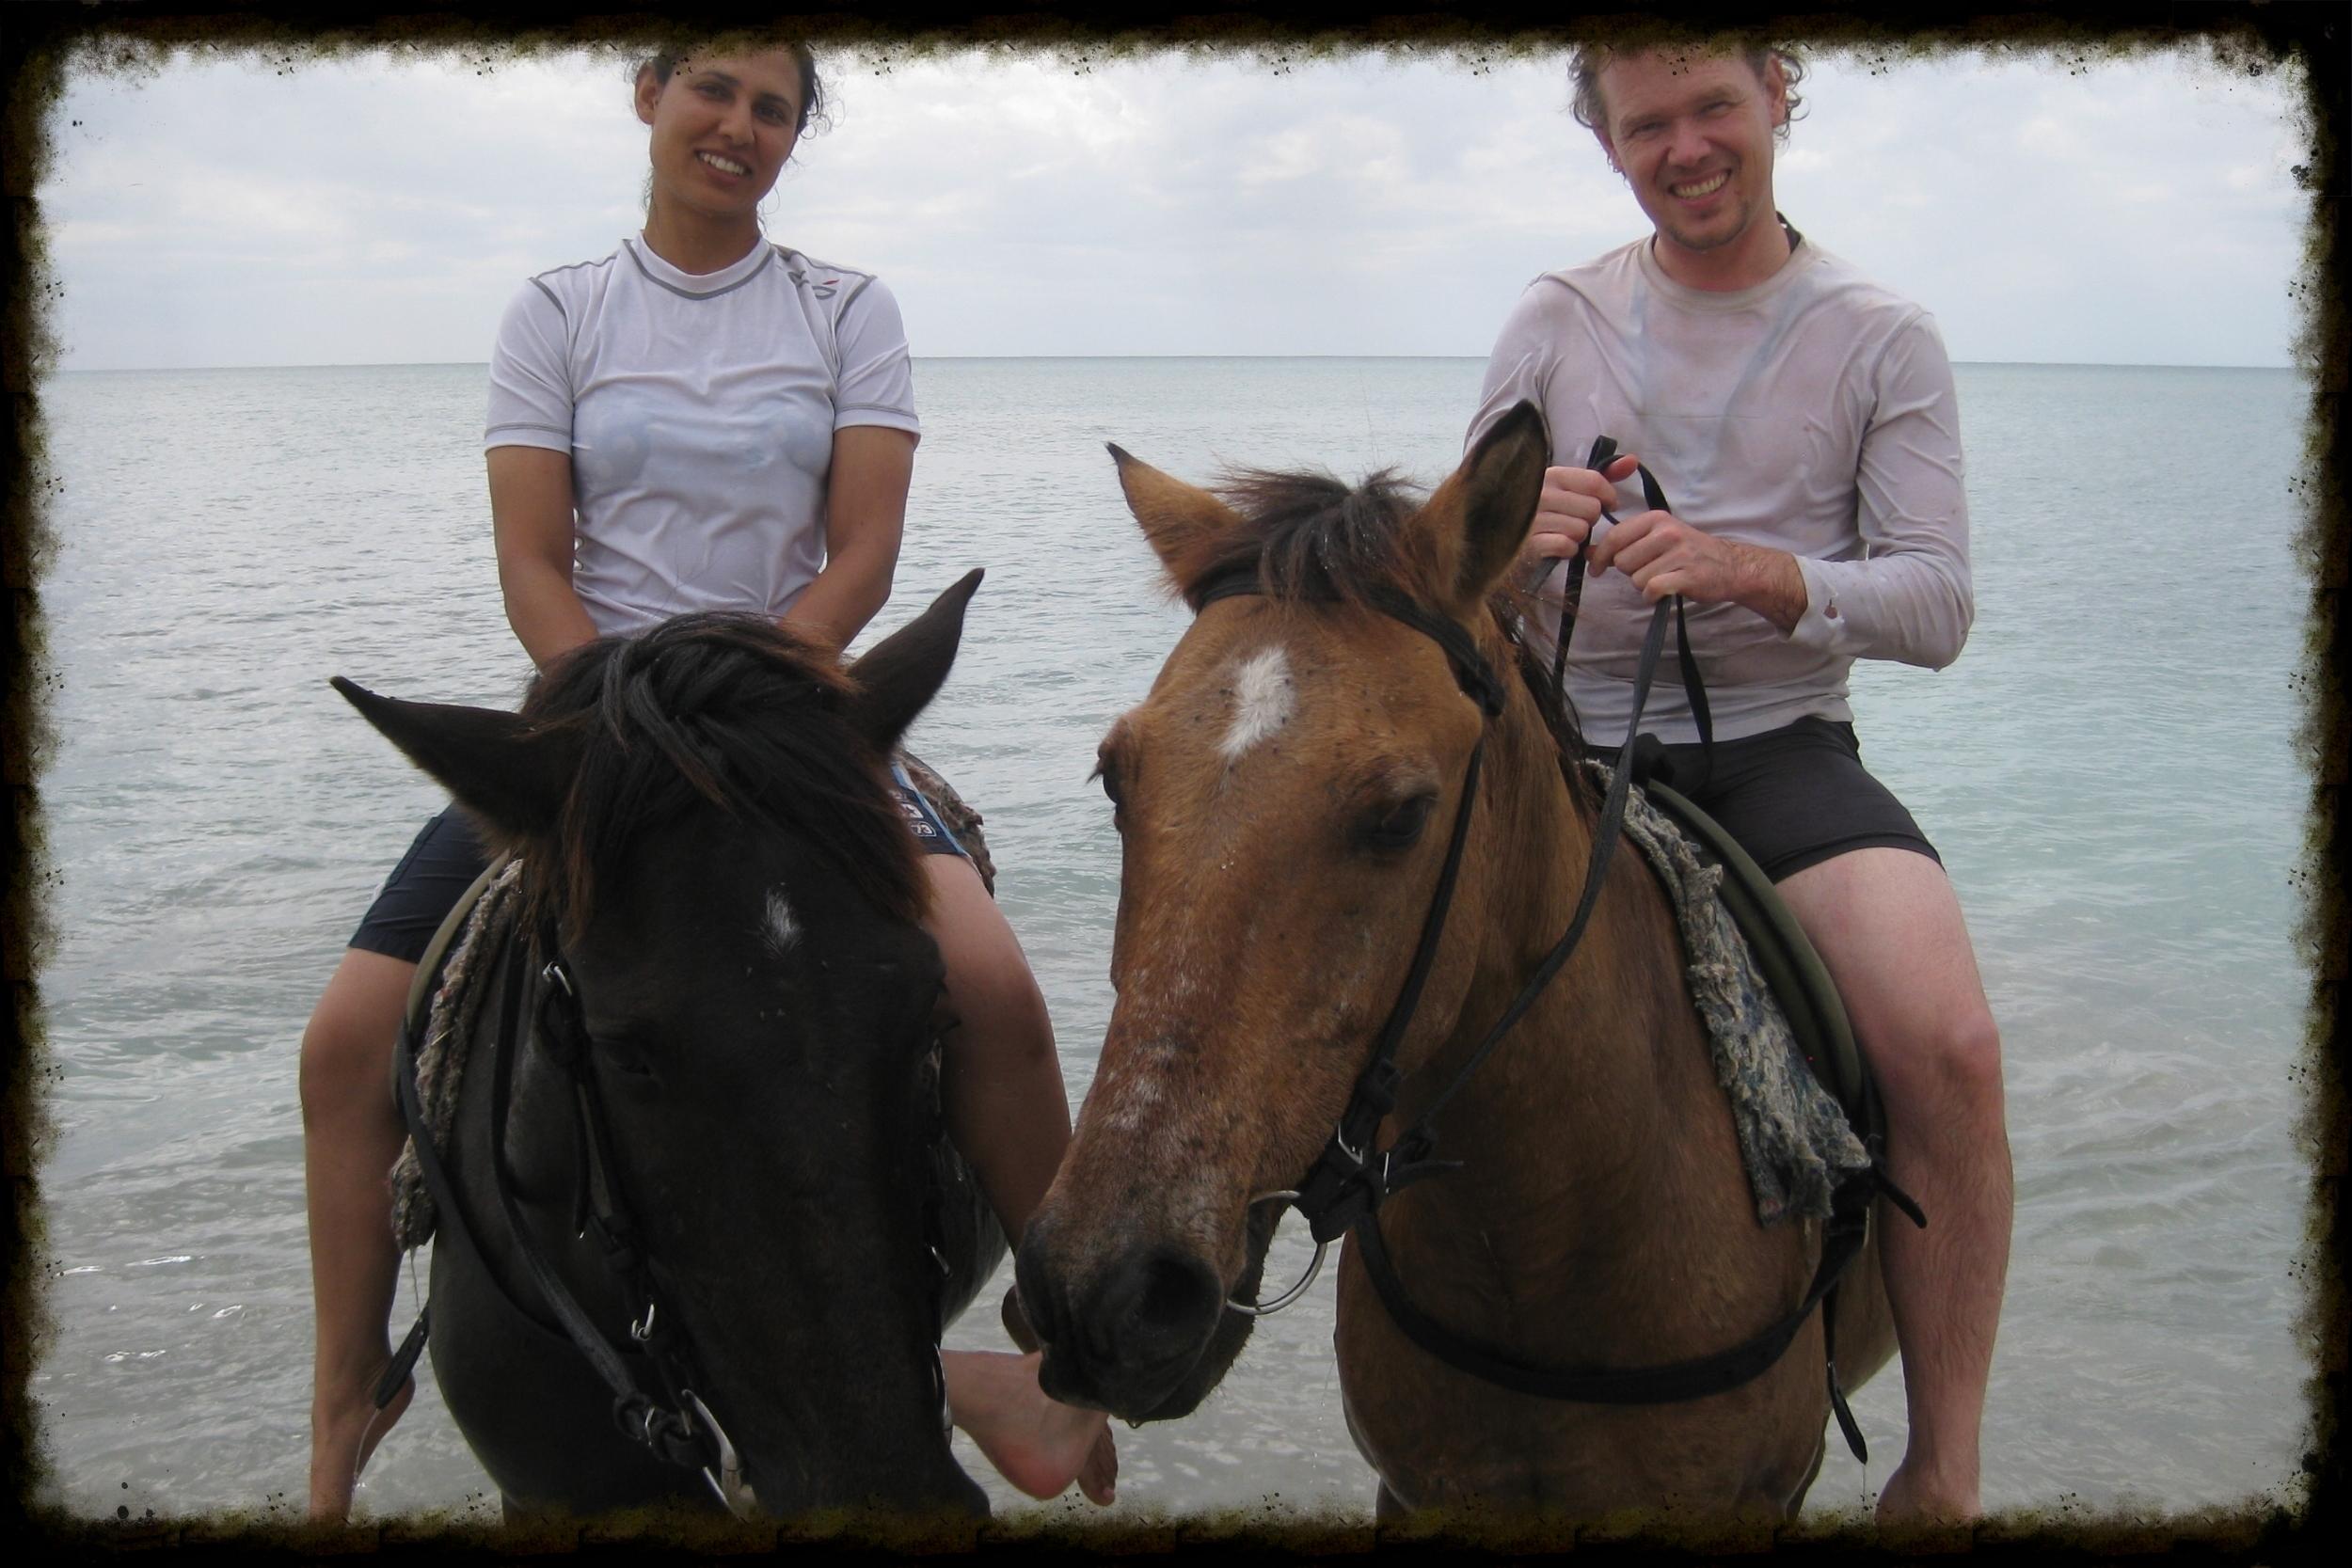 Reggae Horseback Riding